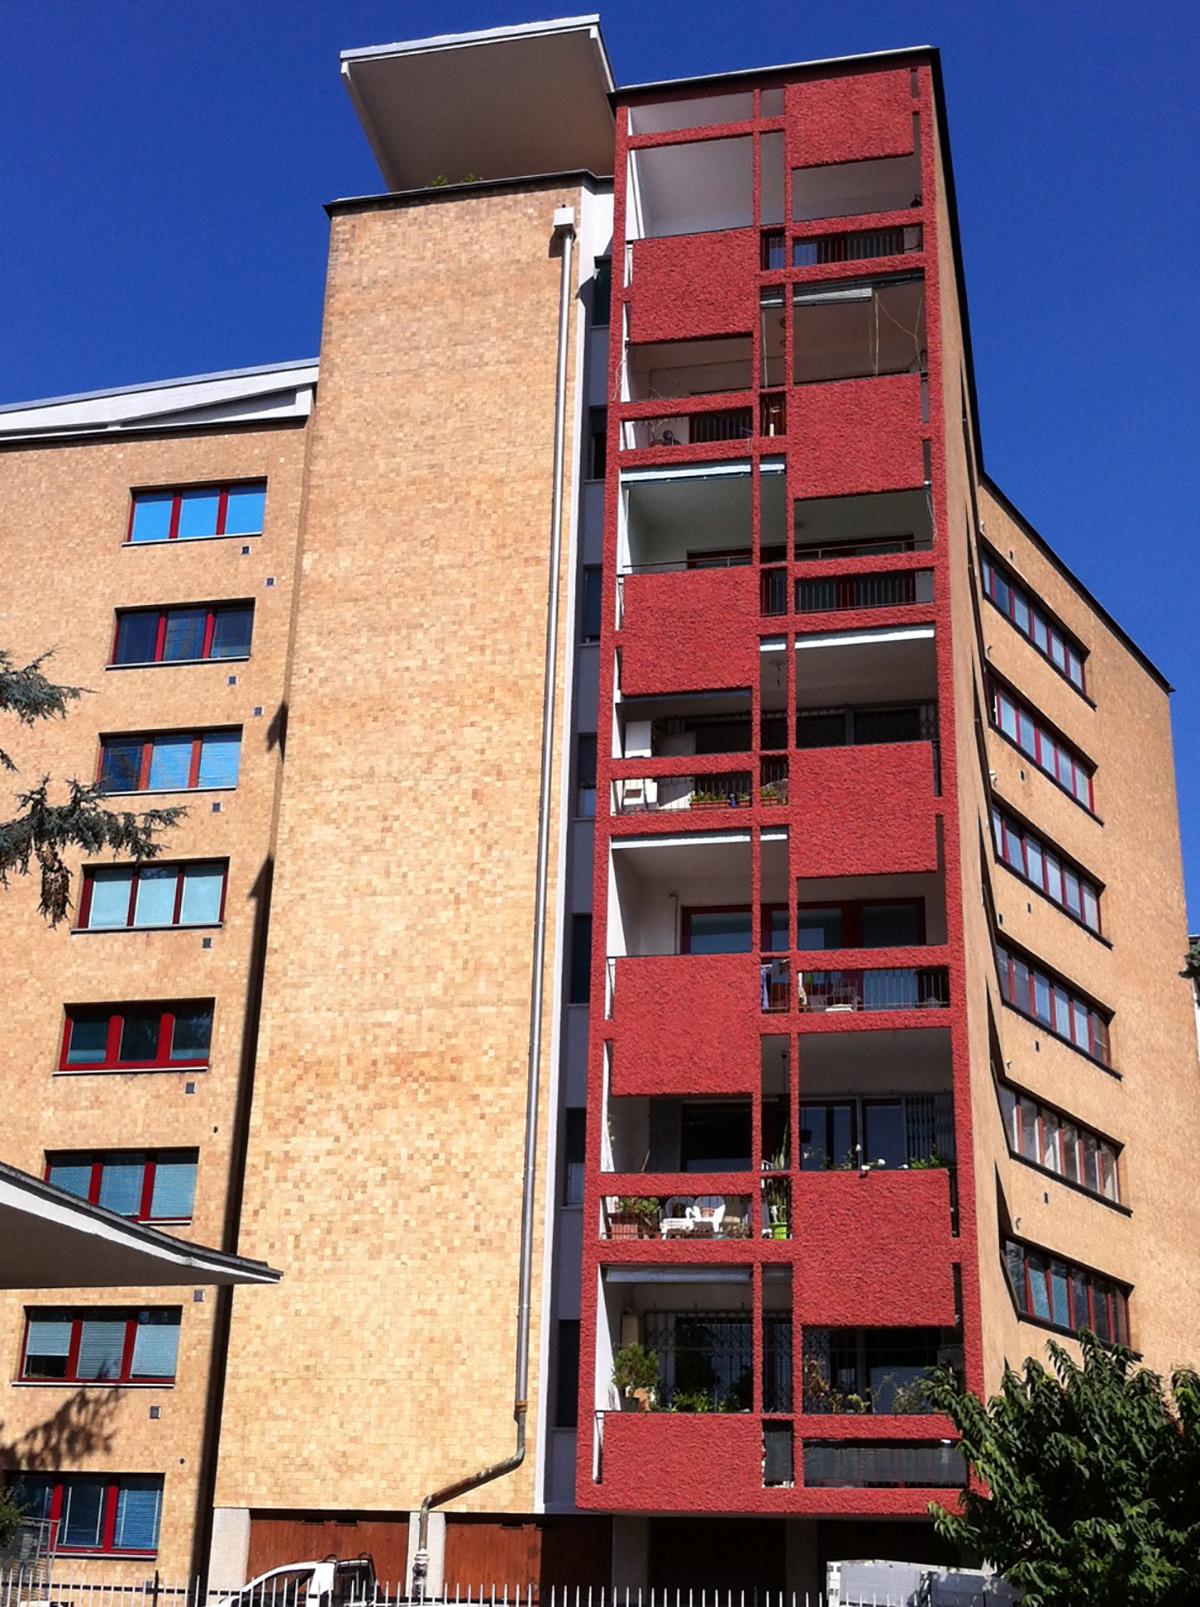 Perico-Renato-Bergamo - Condominio Edildalmine - Risanamento facciate 3